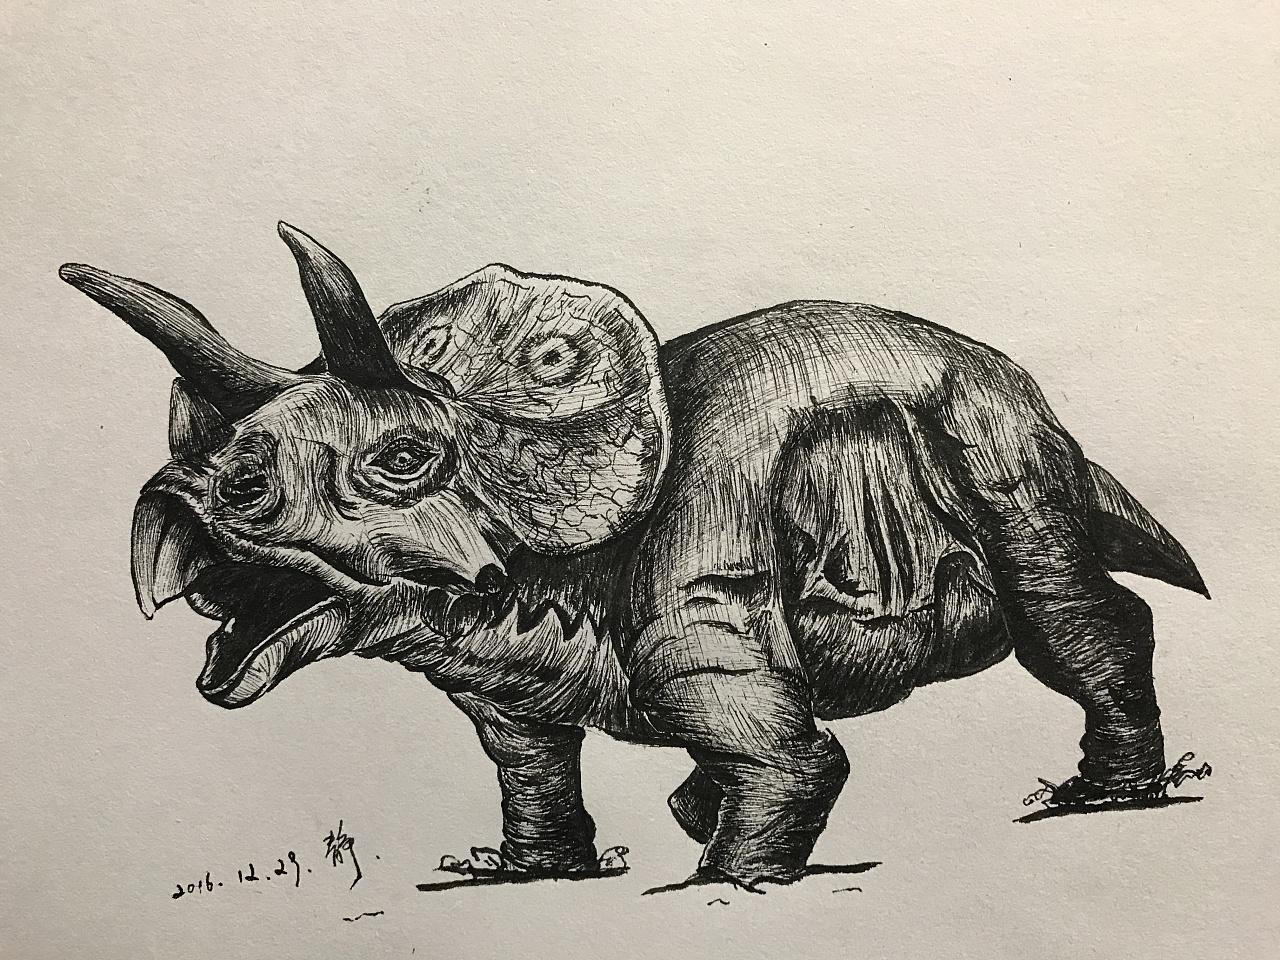 插画恐龙系列之三角龙图片